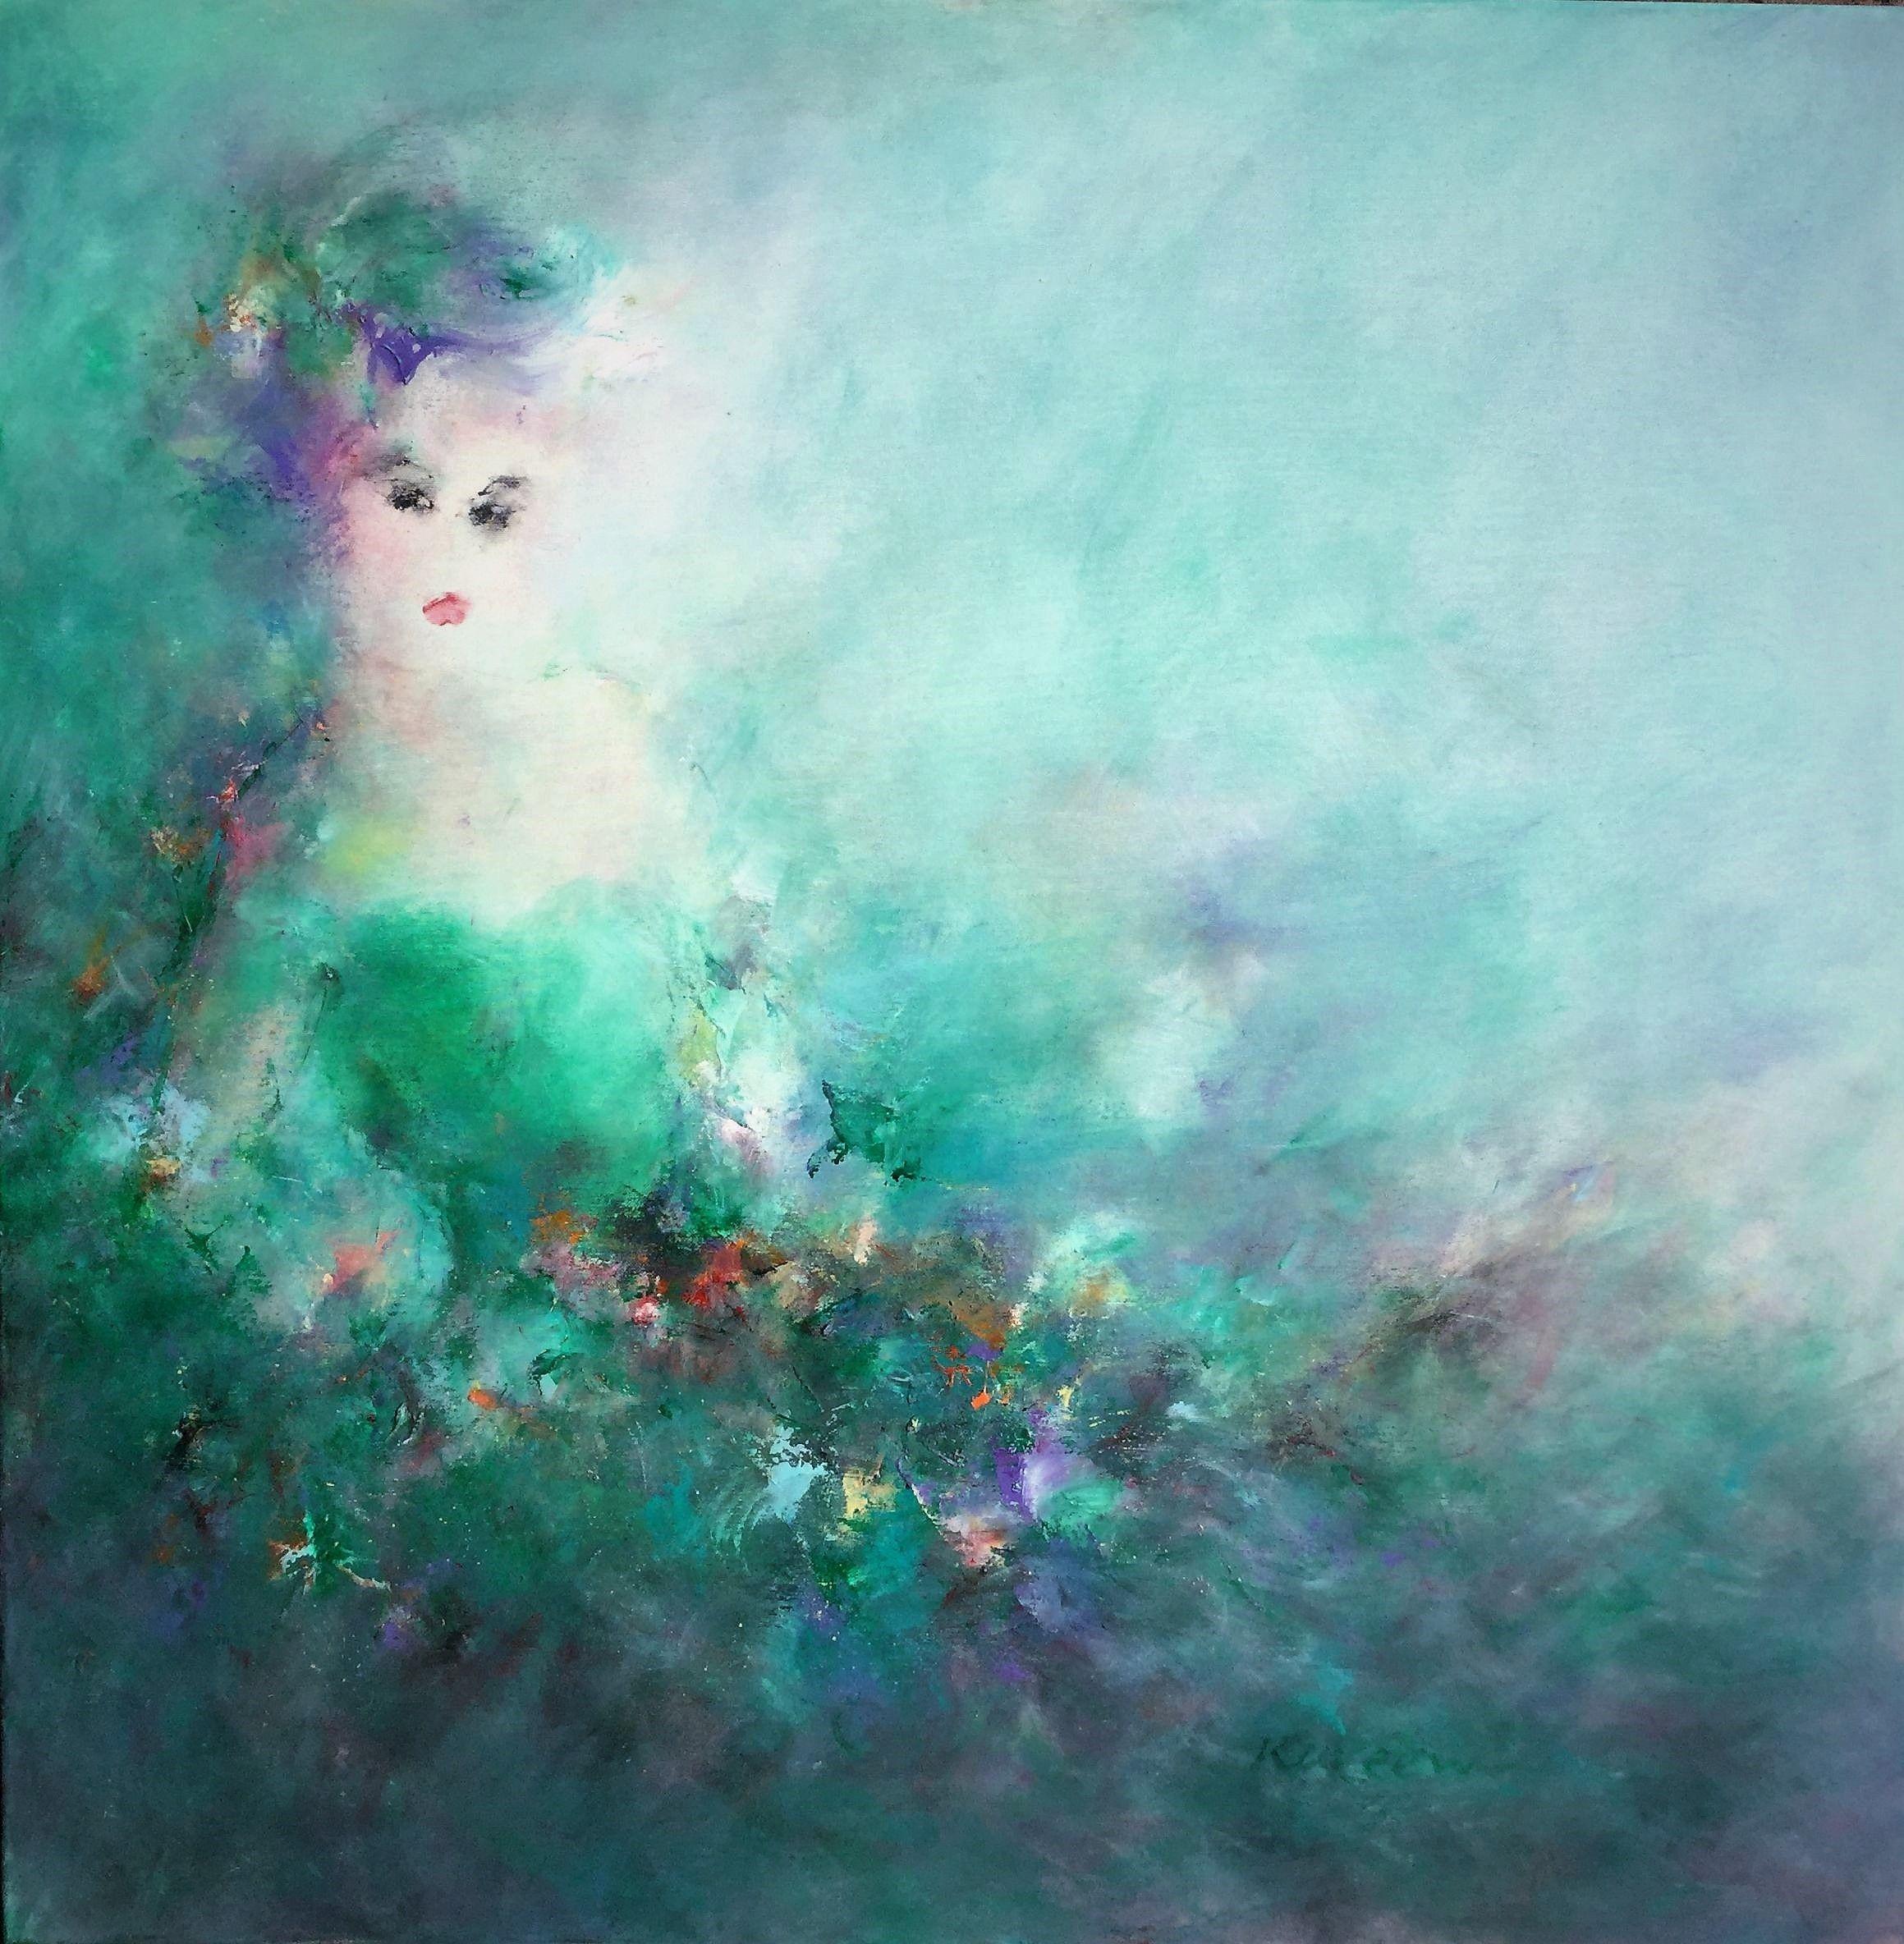 100x100 cm Acrylic  on canvas